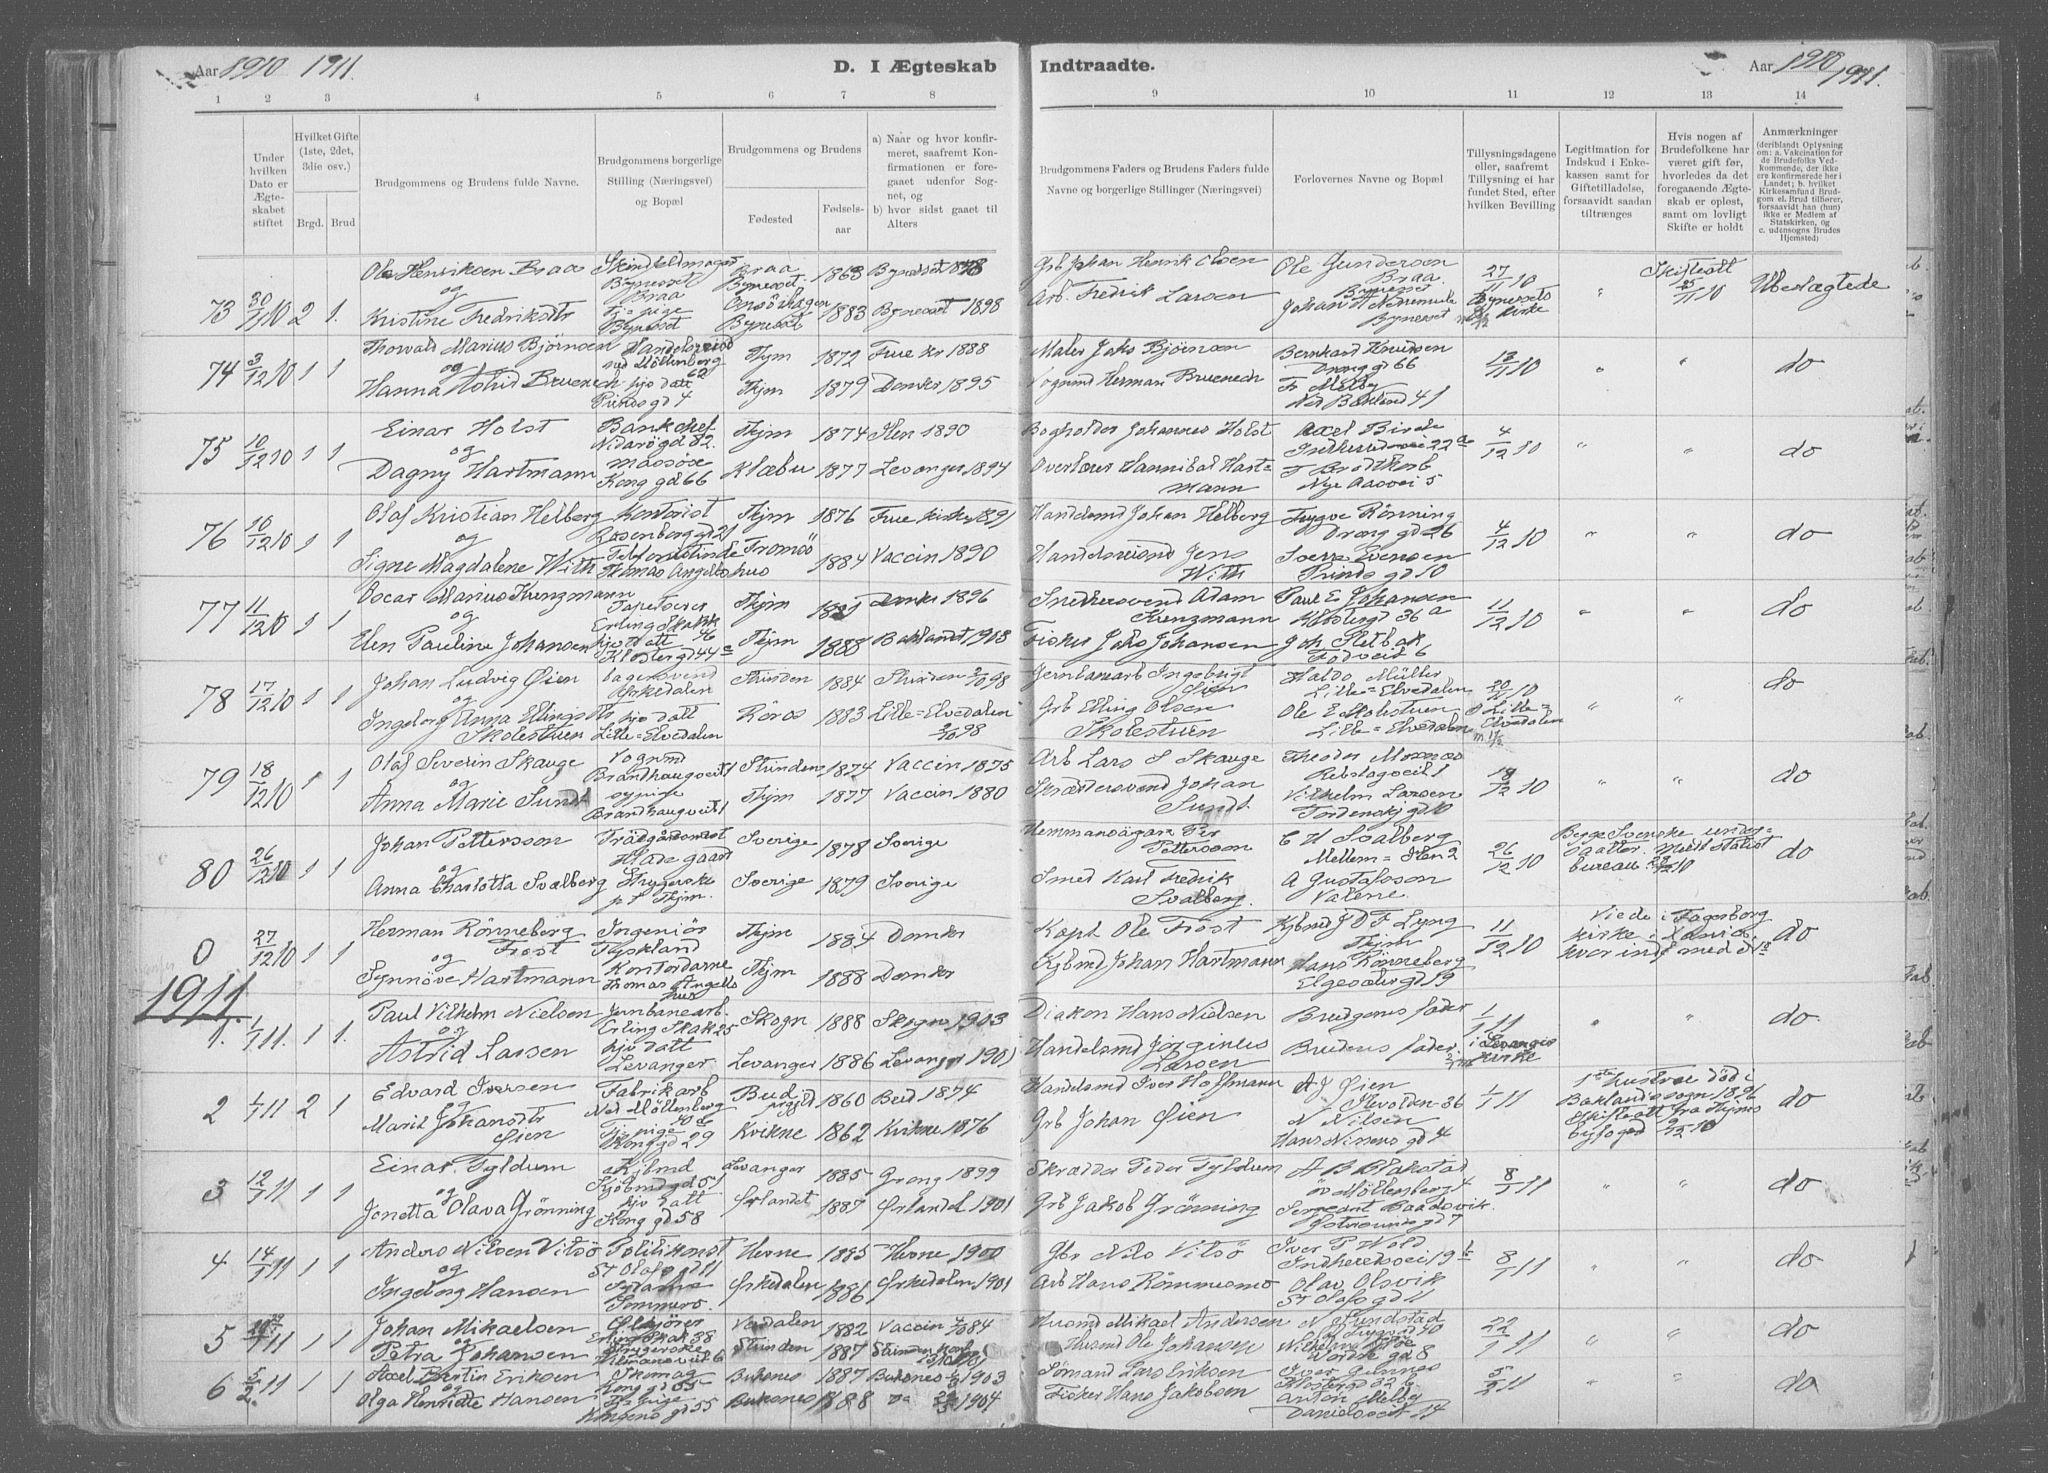 SAT, Ministerialprotokoller, klokkerbøker og fødselsregistre - Sør-Trøndelag, 601/L0064: Ministerialbok nr. 601A31, 1891-1911